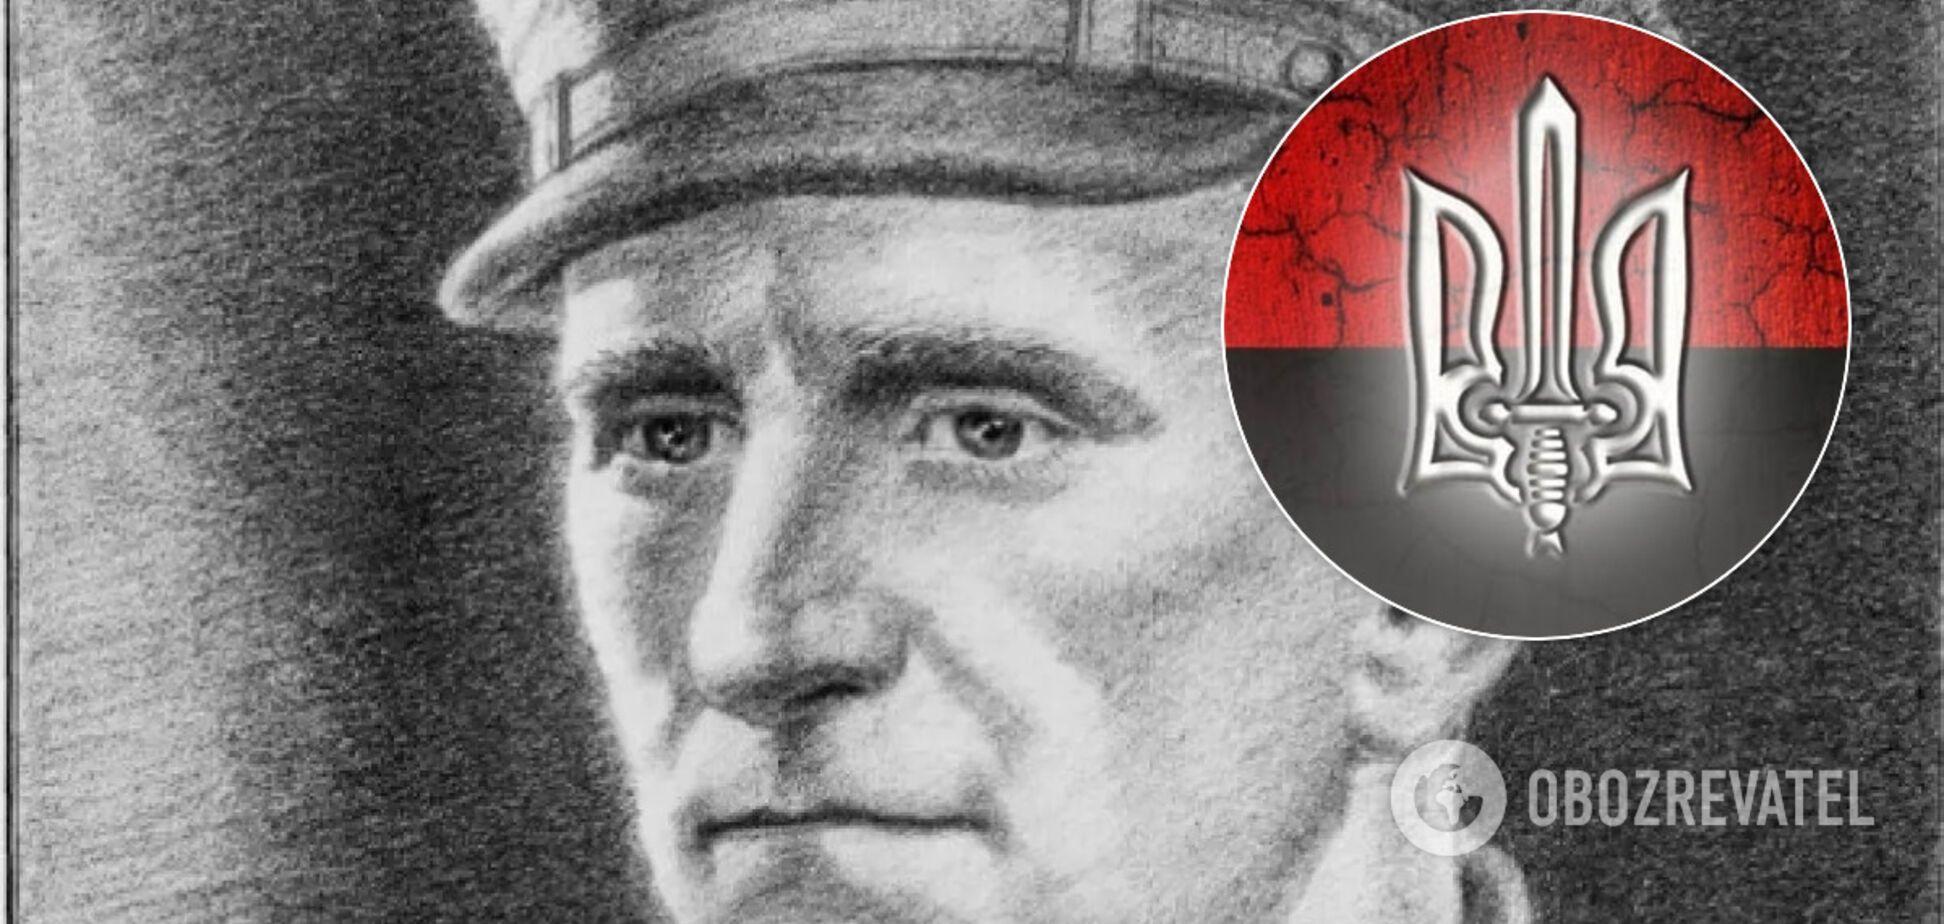 Романа Шухевича було вбито 70 років тому: як УПА втратила свого лідера